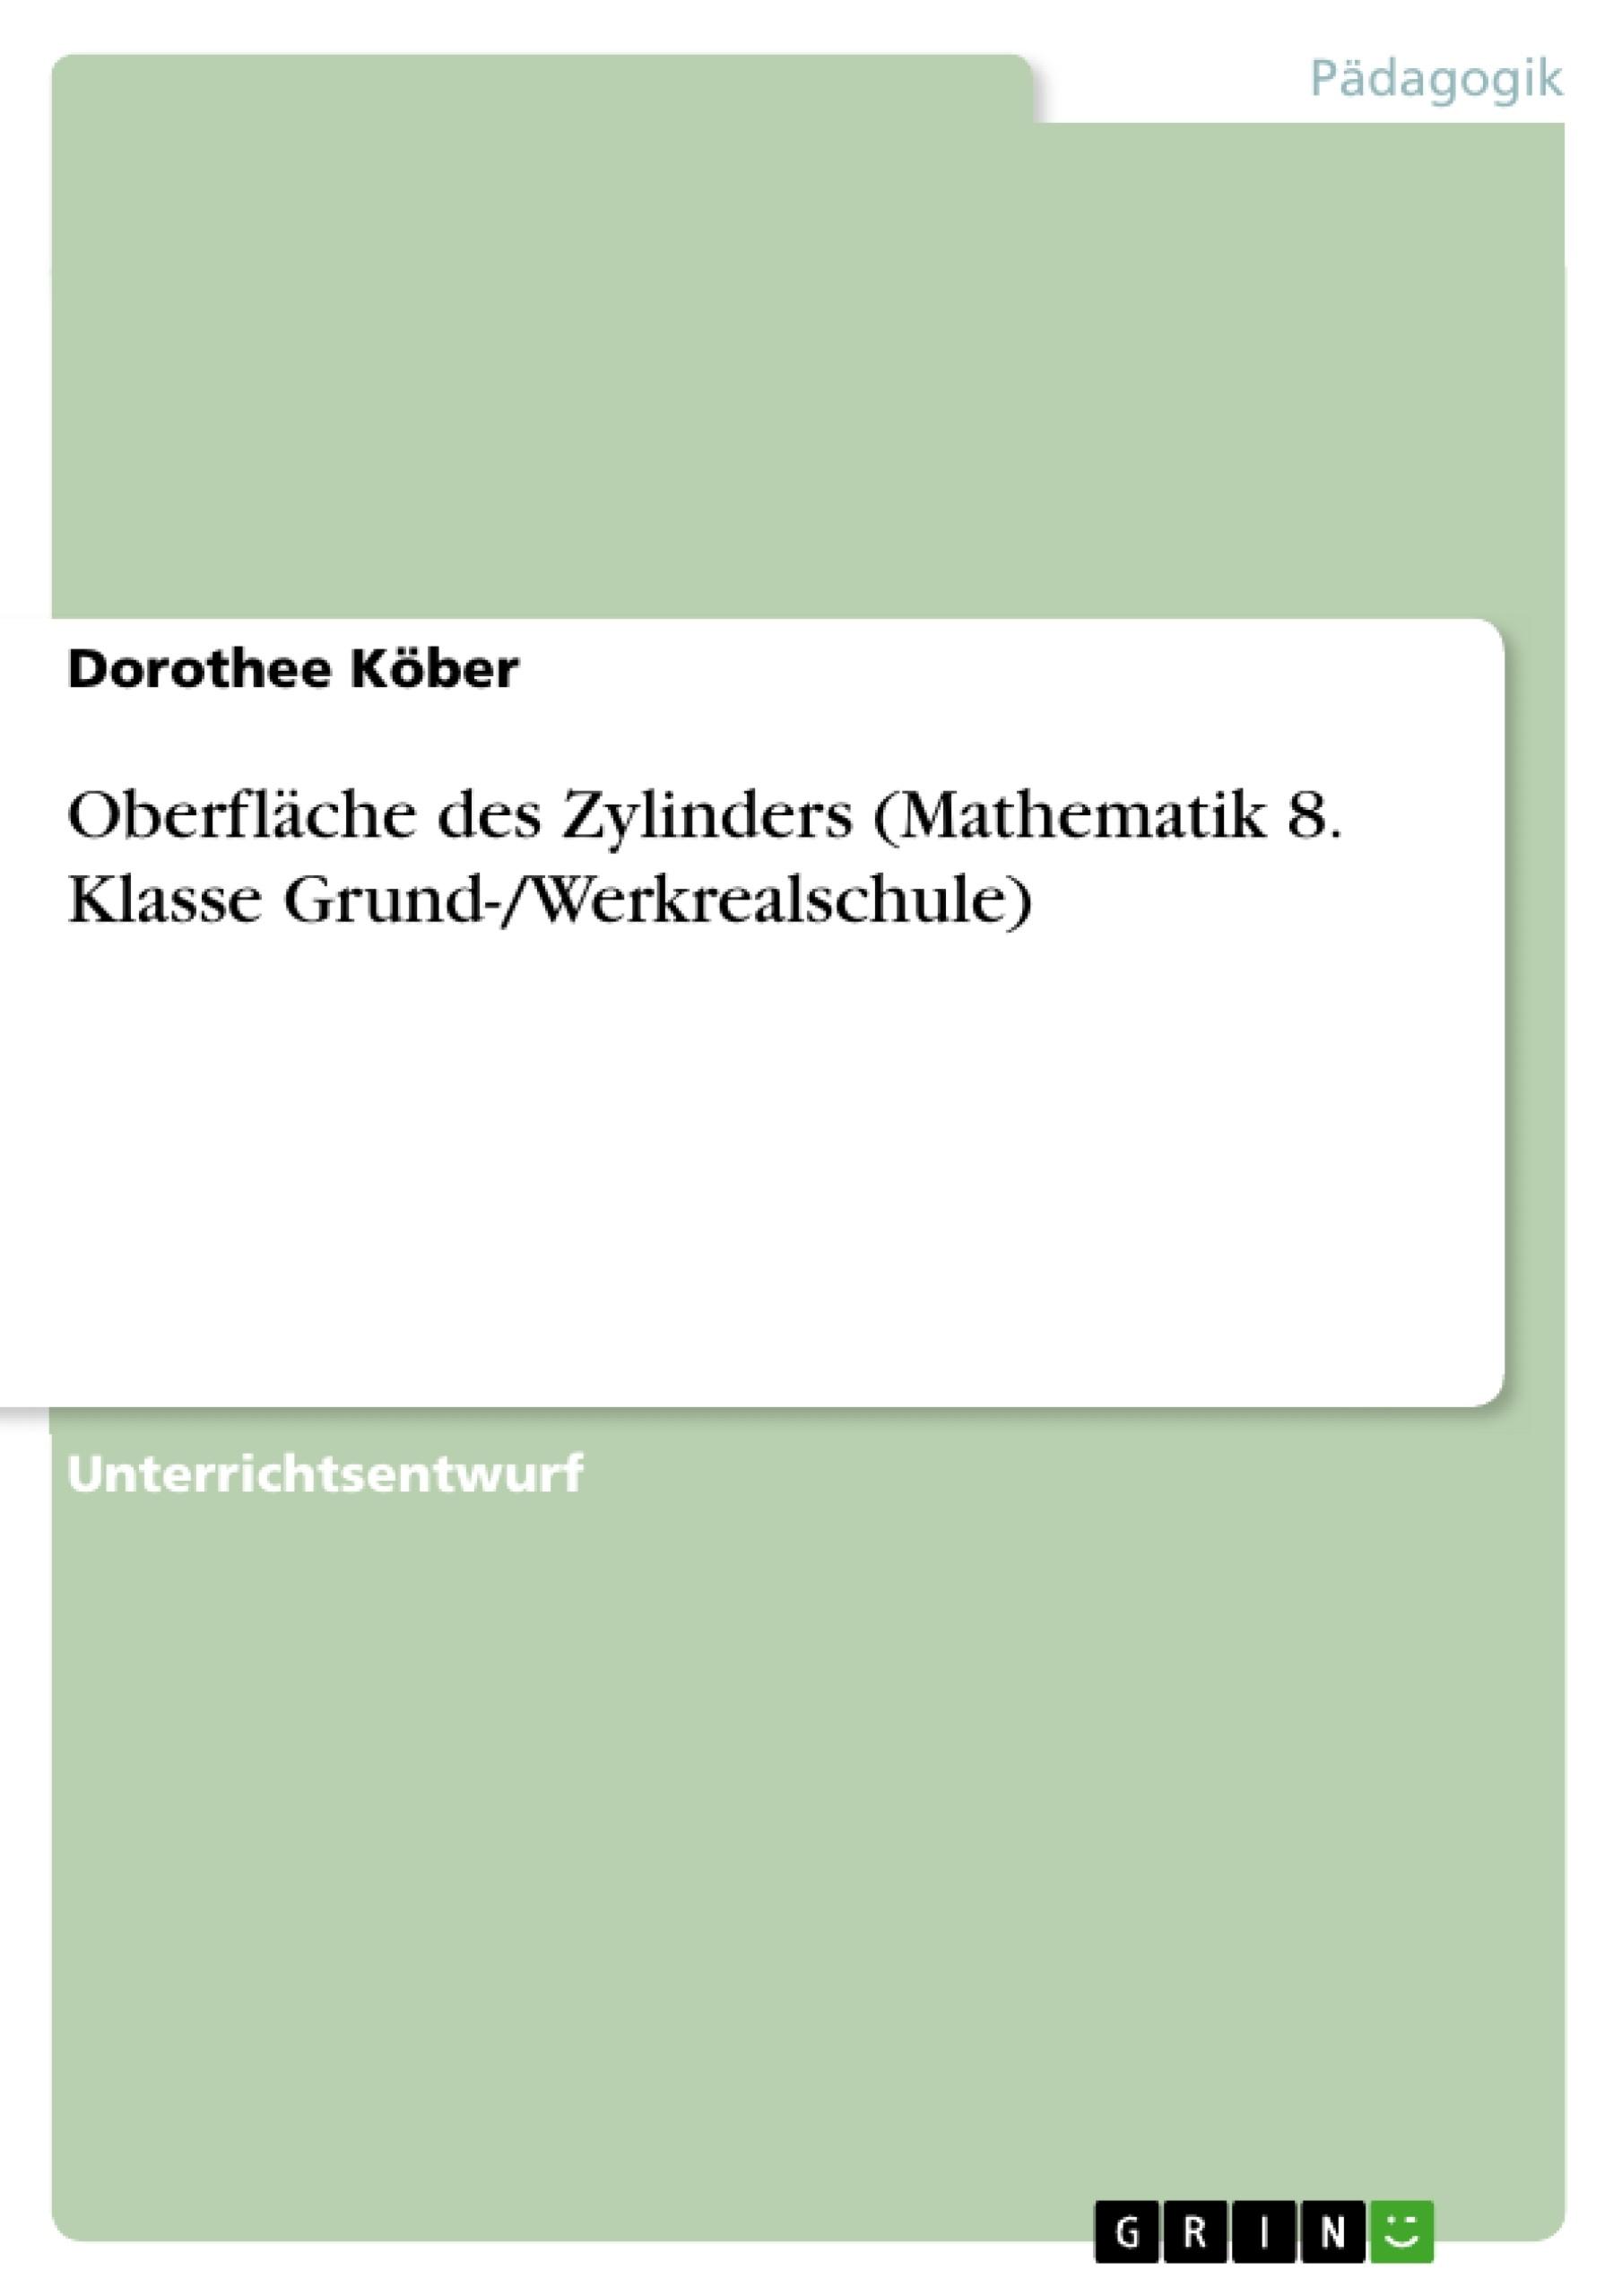 Titel: Oberfläche des Zylinders (Mathematik 8. Klasse Grund-/Werkrealschule)